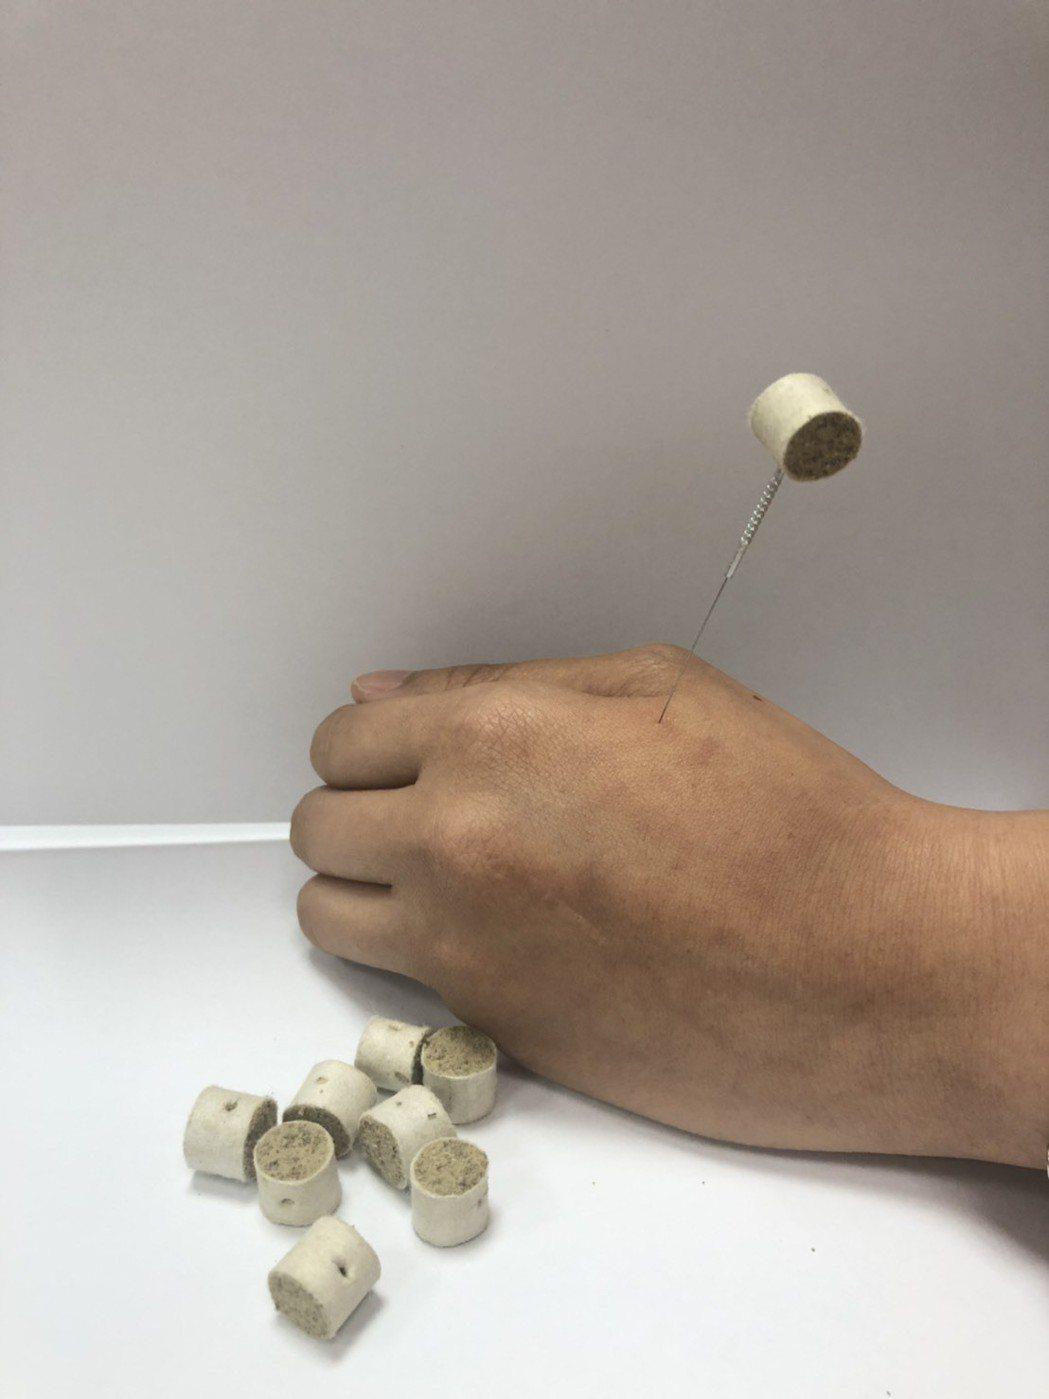 中醫會將「艾粒」運用在針灸治療上。圖/員生醫院提供